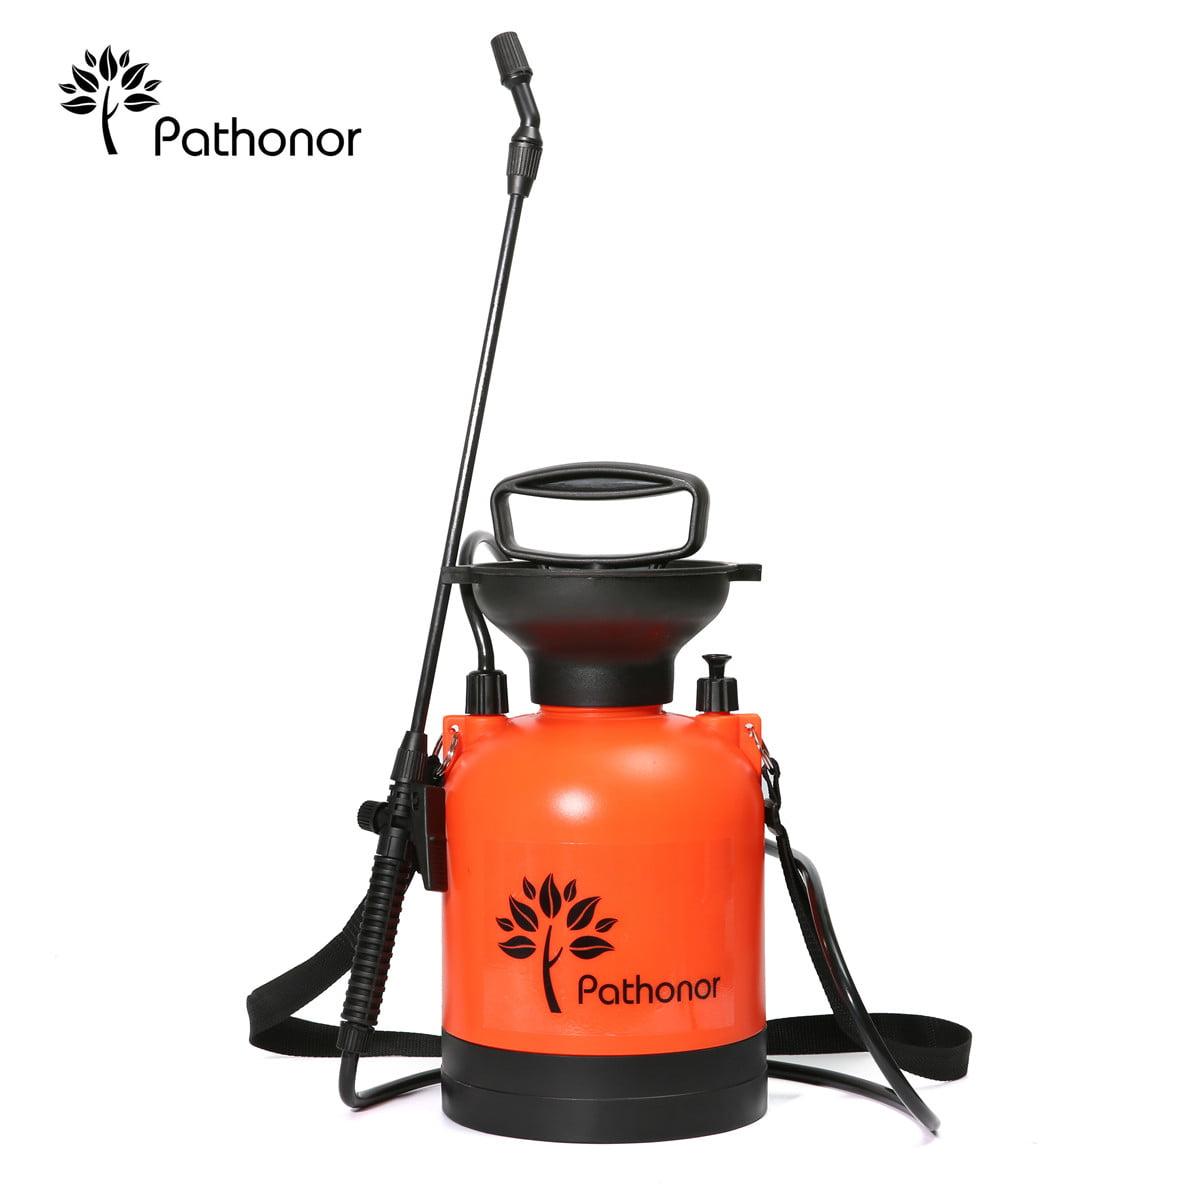 PATHONOR Super Garden Sprayer, 3L/0.8Gal Pressure Sprayer weed Sprayer with 22 inch Wand Home & Garden and 51 inch hose for Fertilizer Herbicides Pesticides